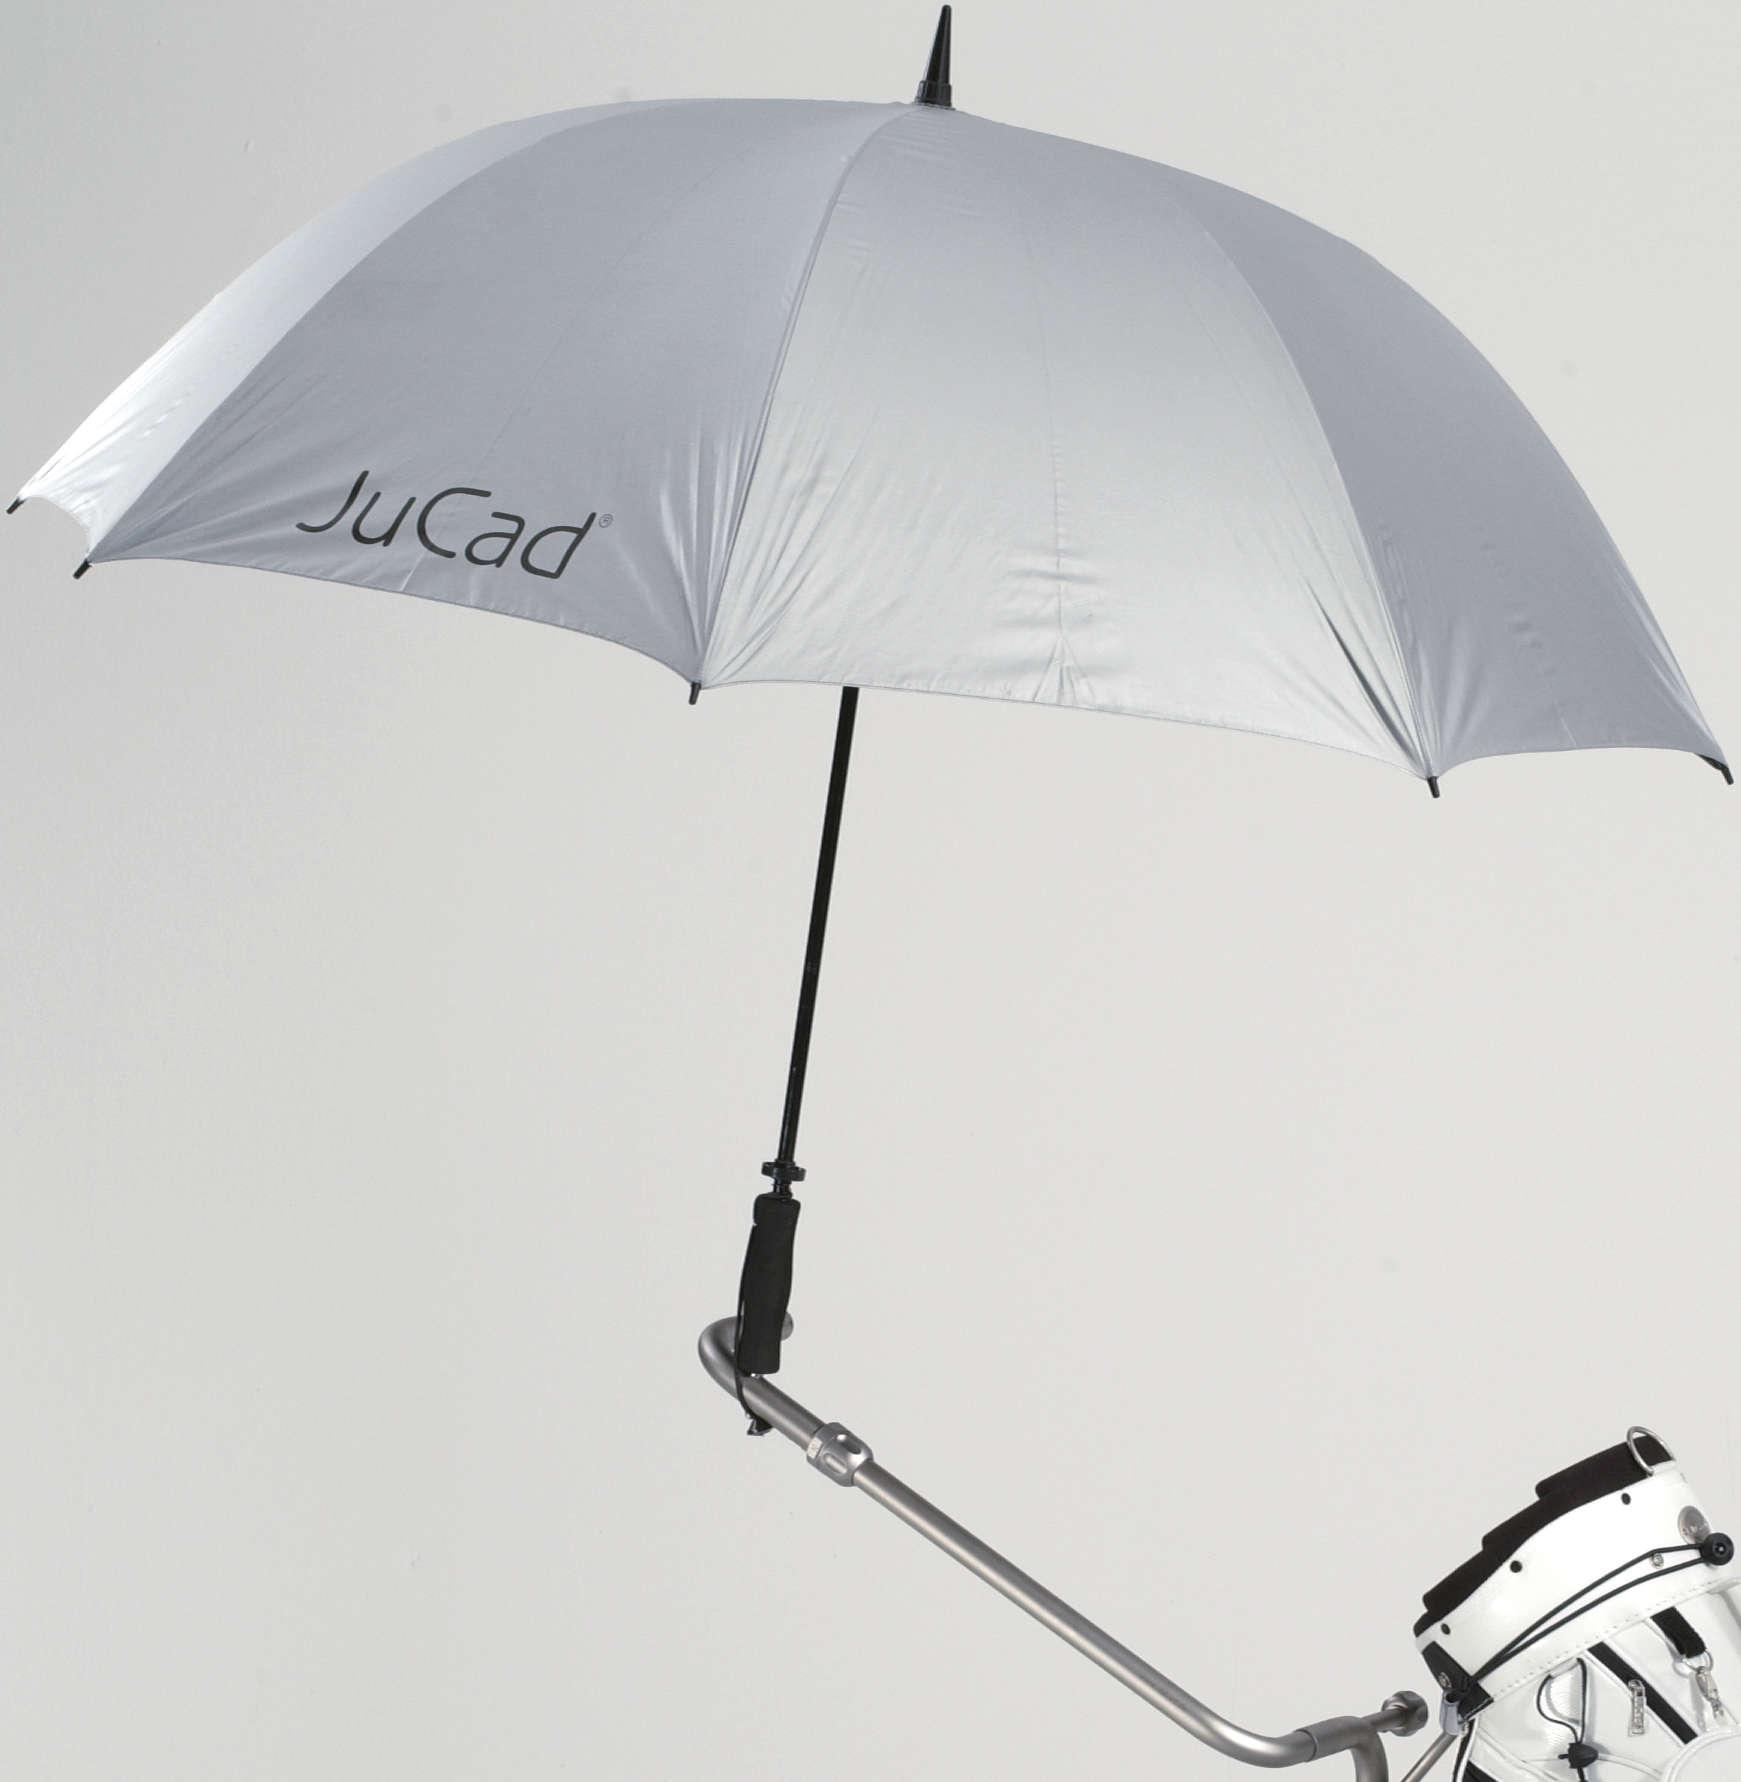 jucad golfschirm mit stift regenschirme zubeh r golfzubeh r par71. Black Bedroom Furniture Sets. Home Design Ideas